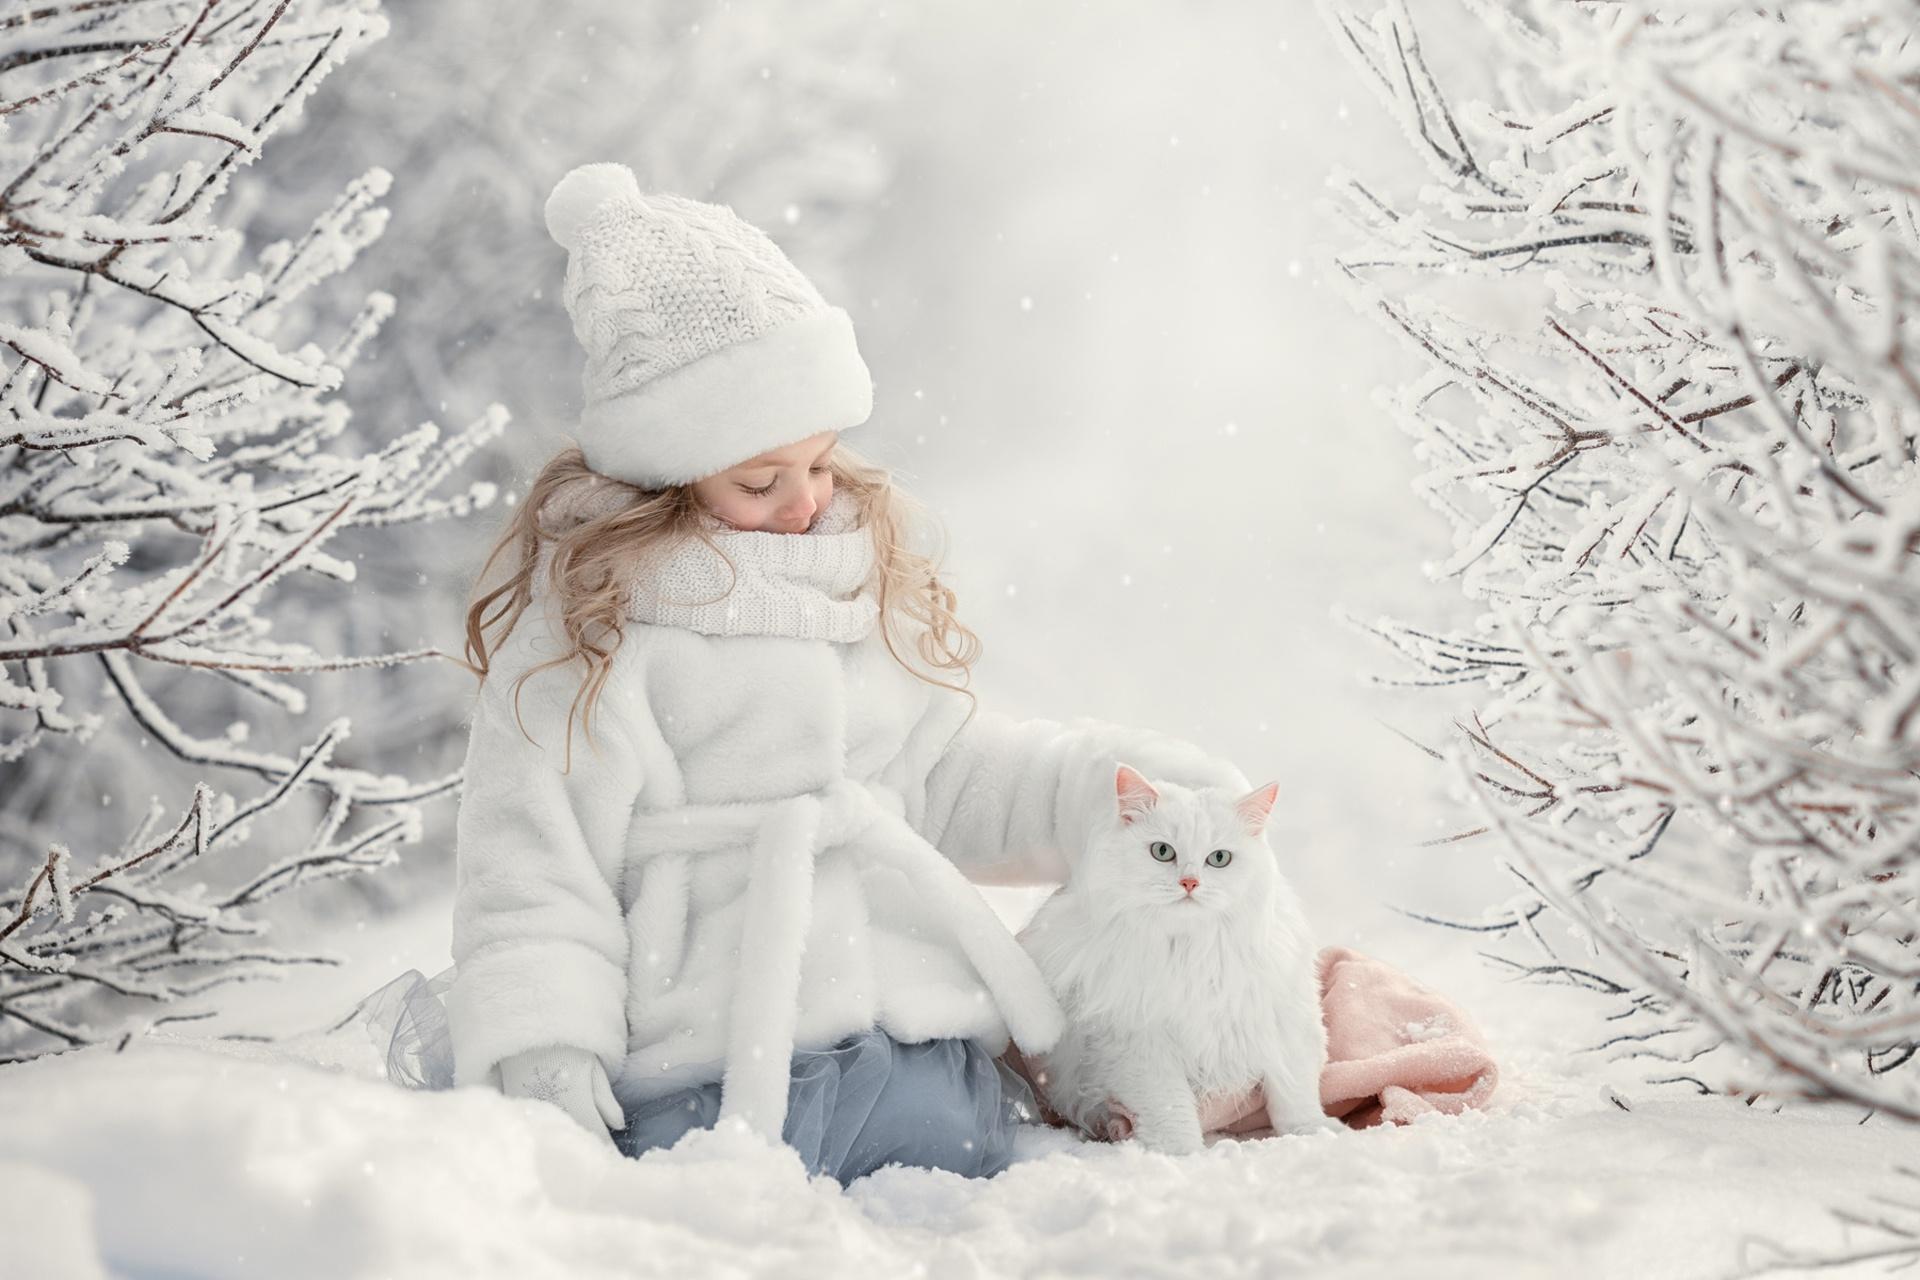 Дети как ангелы видят людей